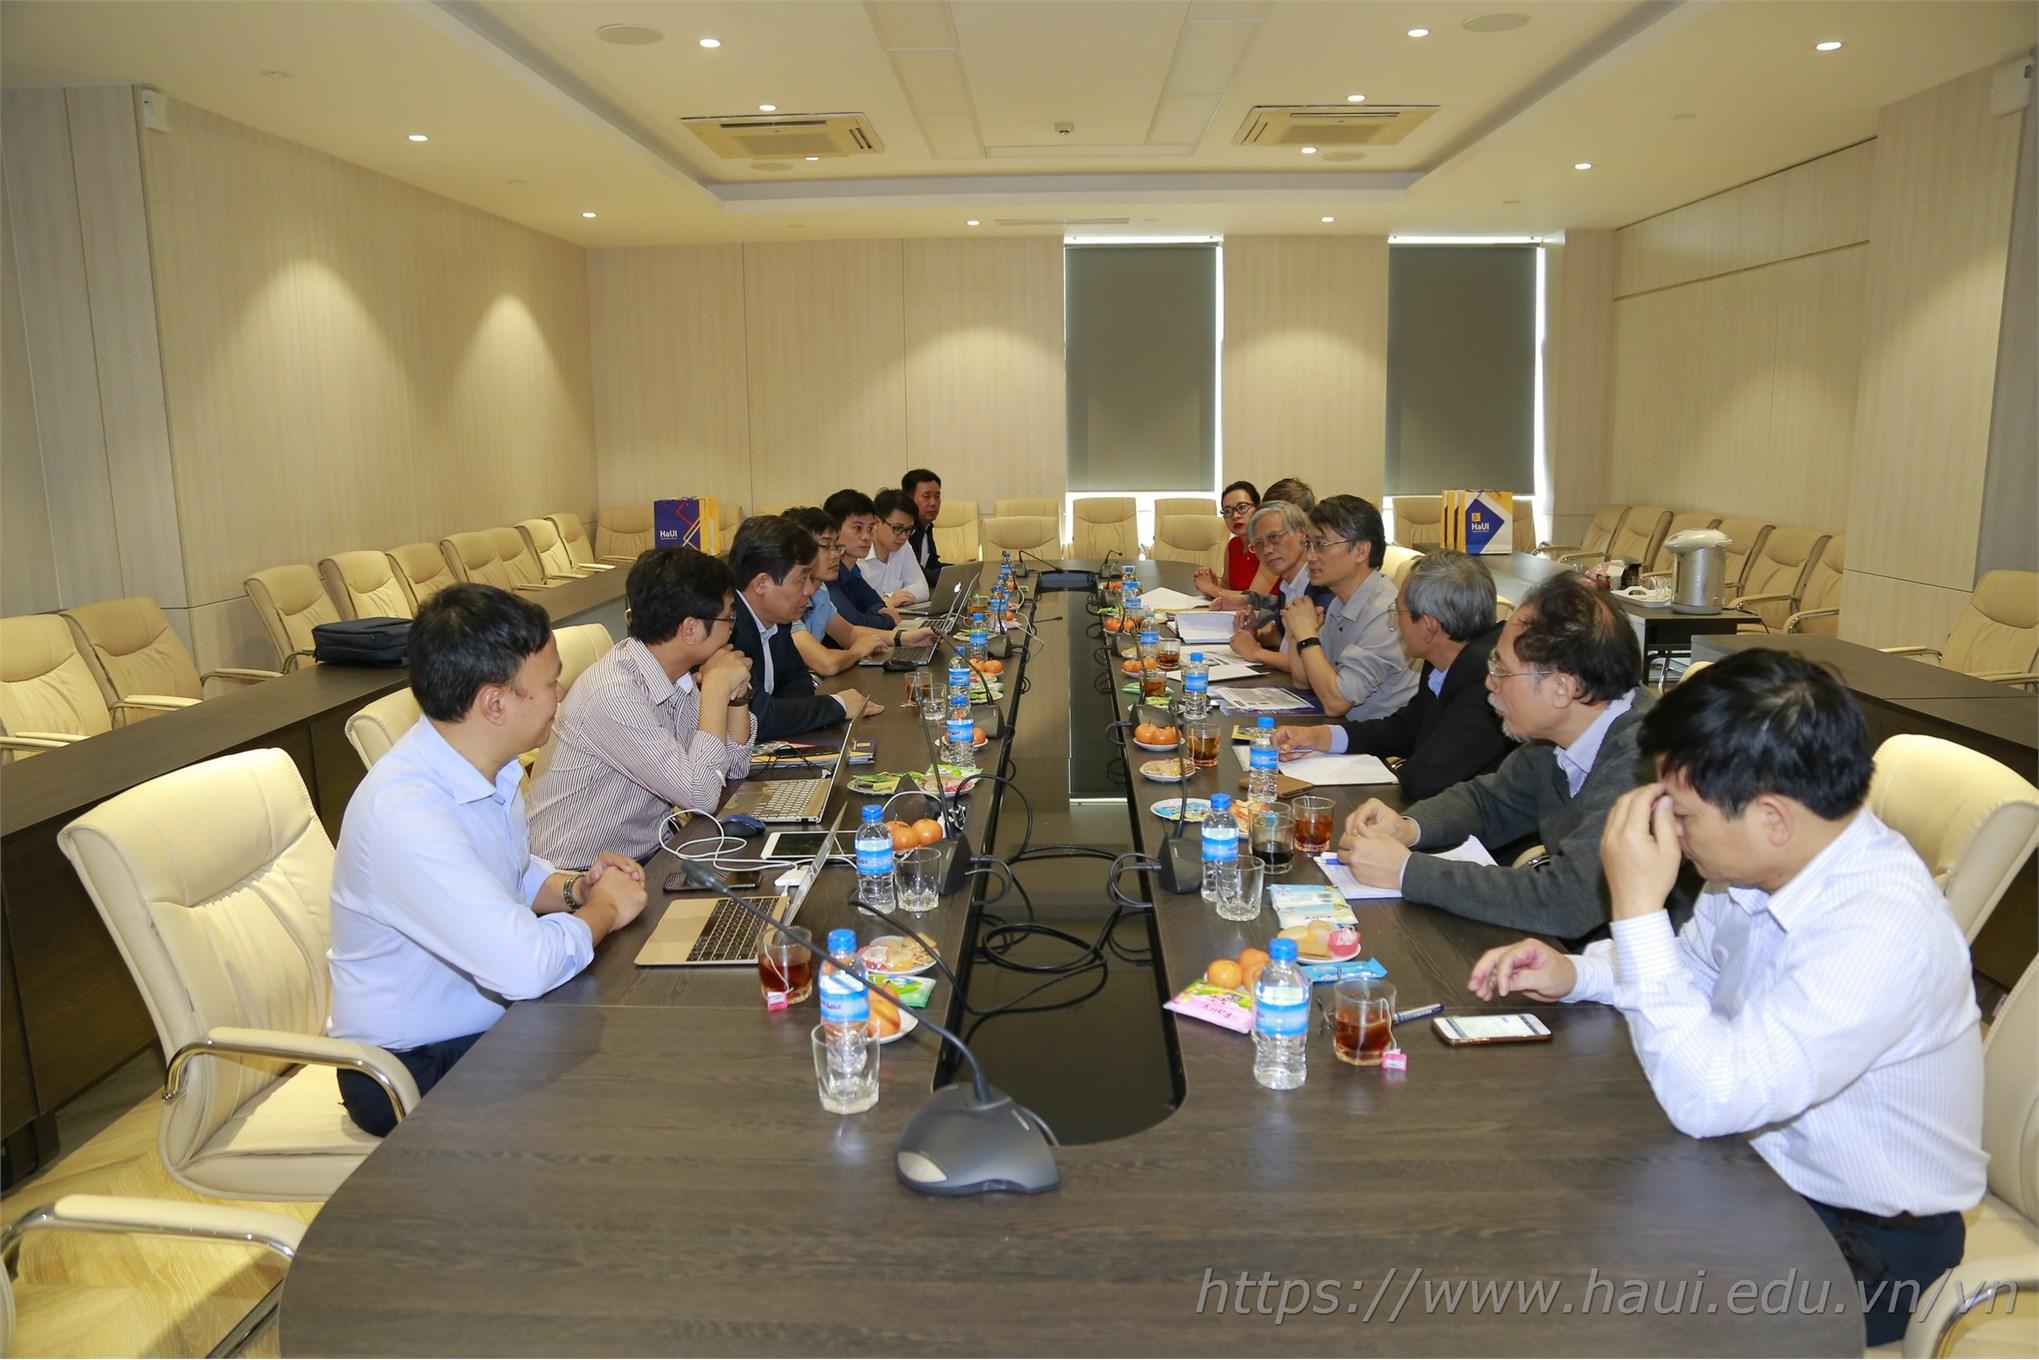 Khảo sát, đánh giá hệ thống quản trị đại học điện tử Đại học Công nghiệp Hà Nội